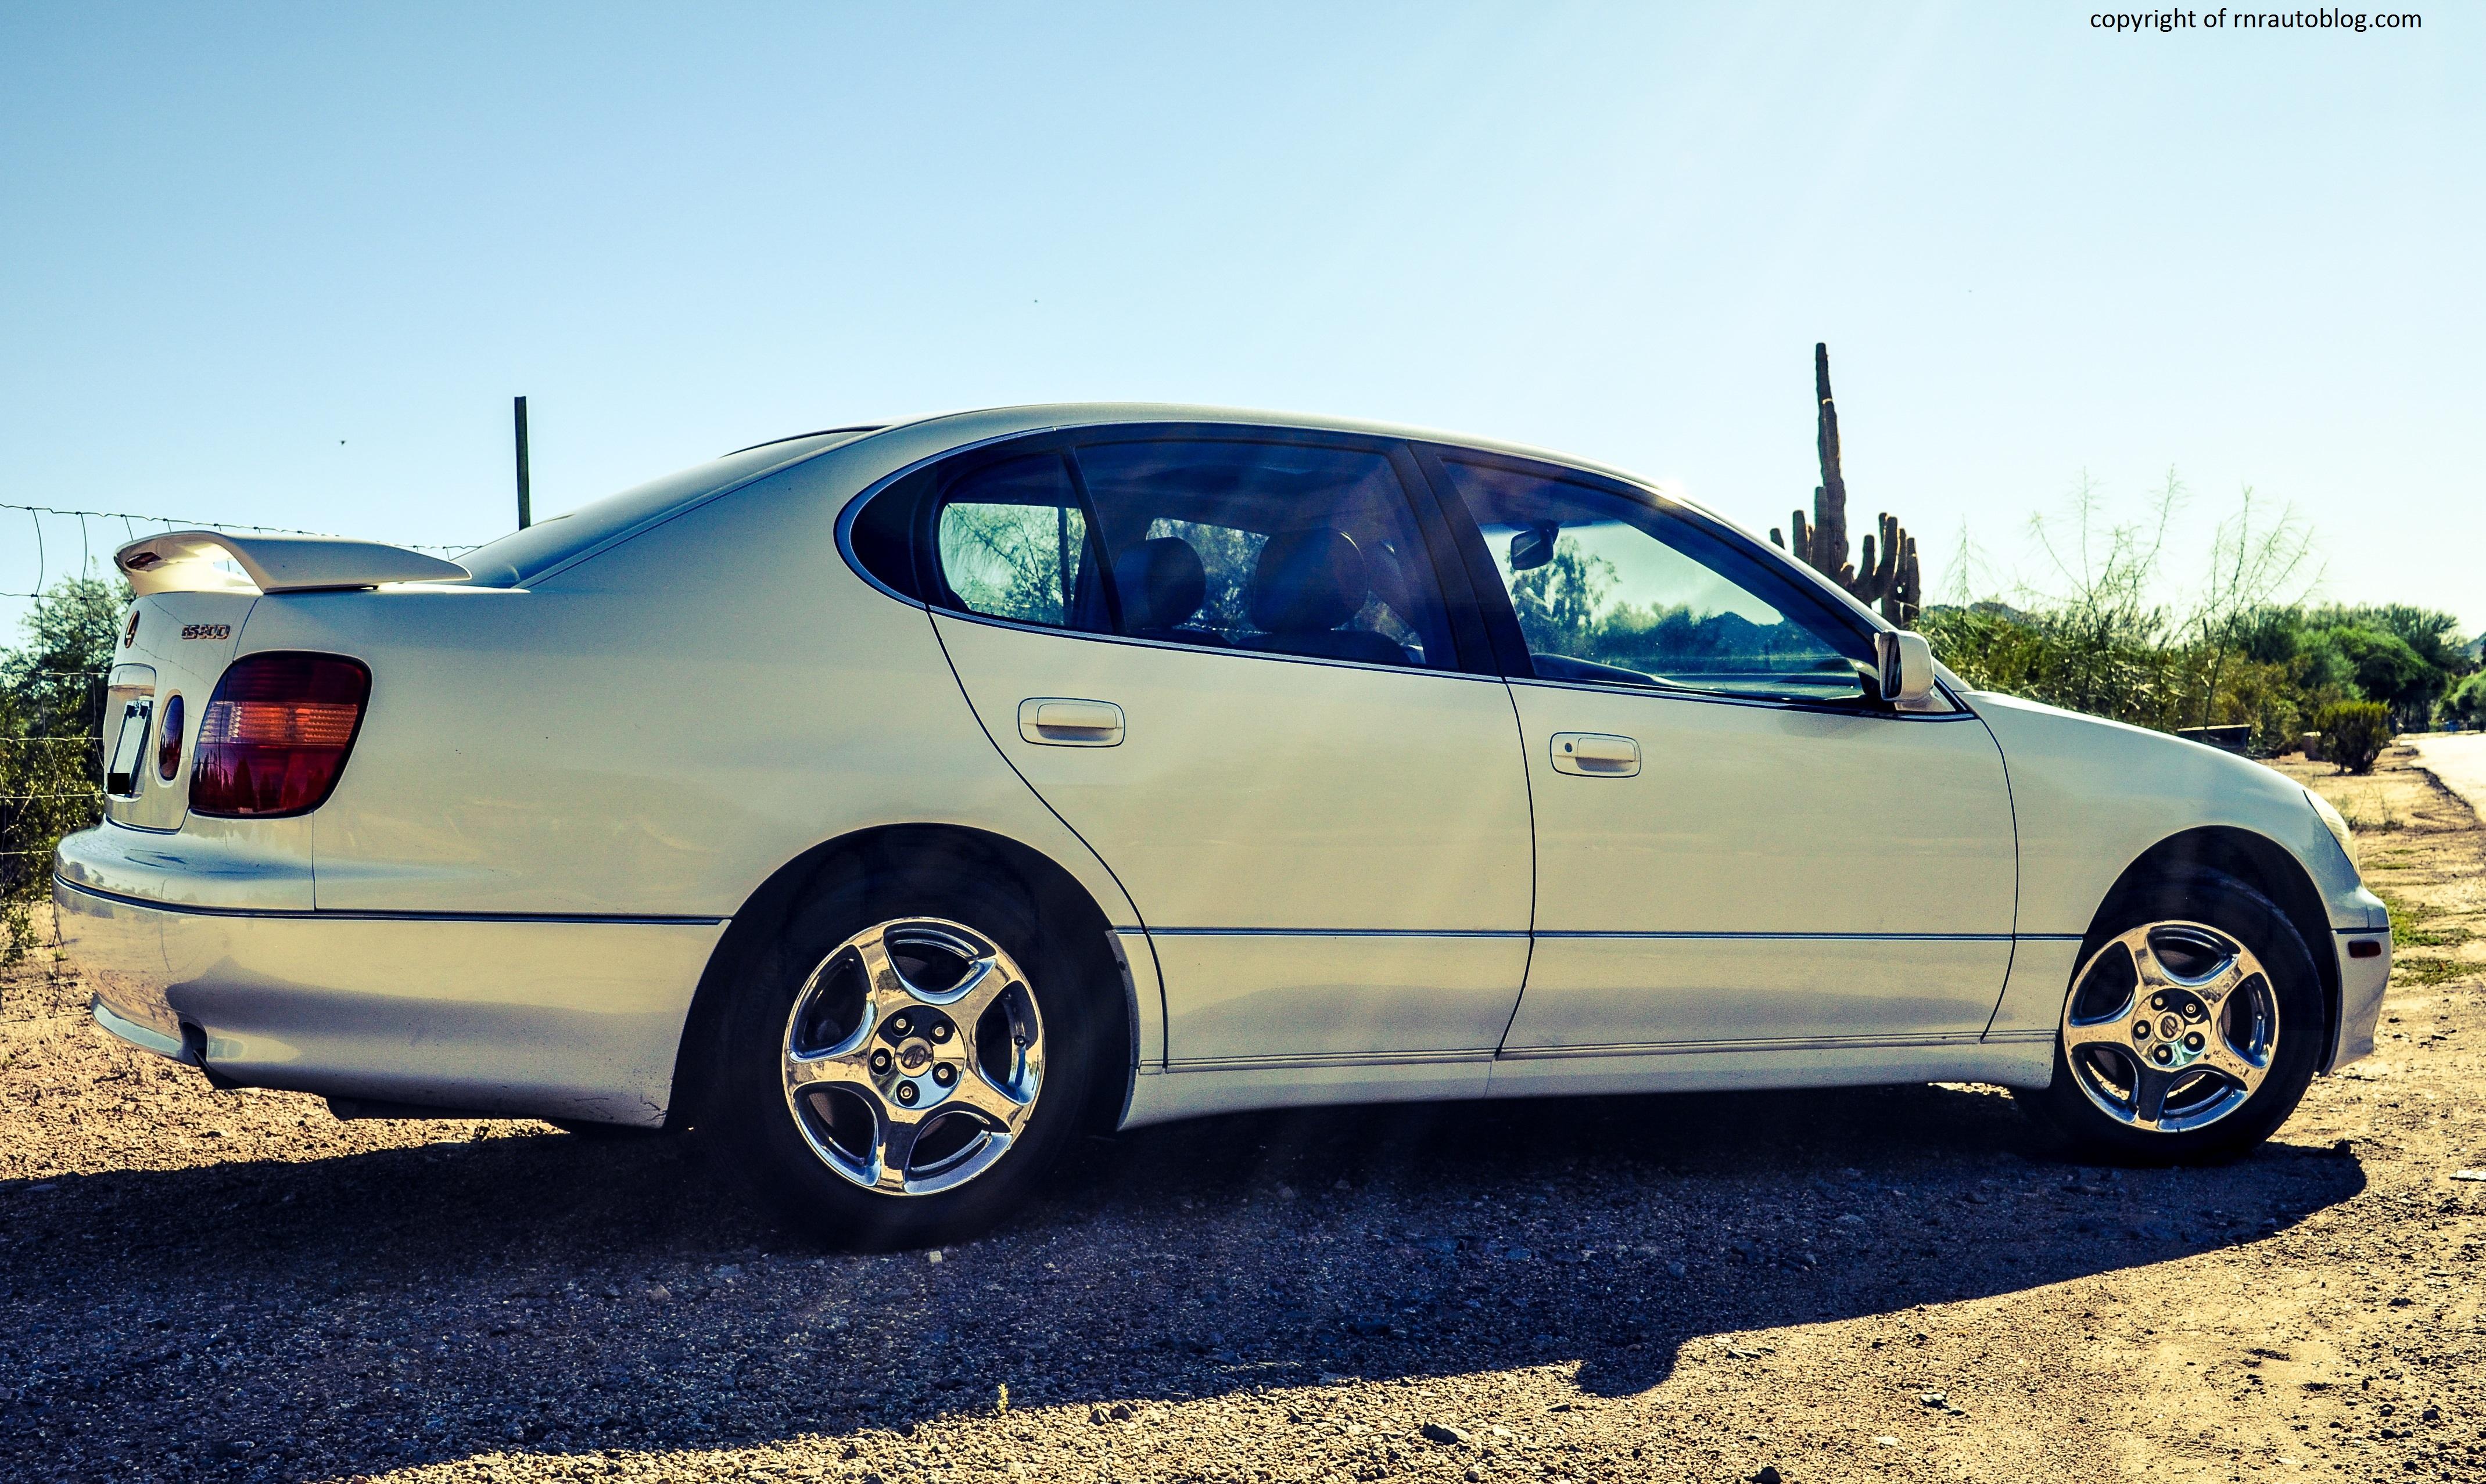 2000 lexus gs300 review | rnr automotive blog